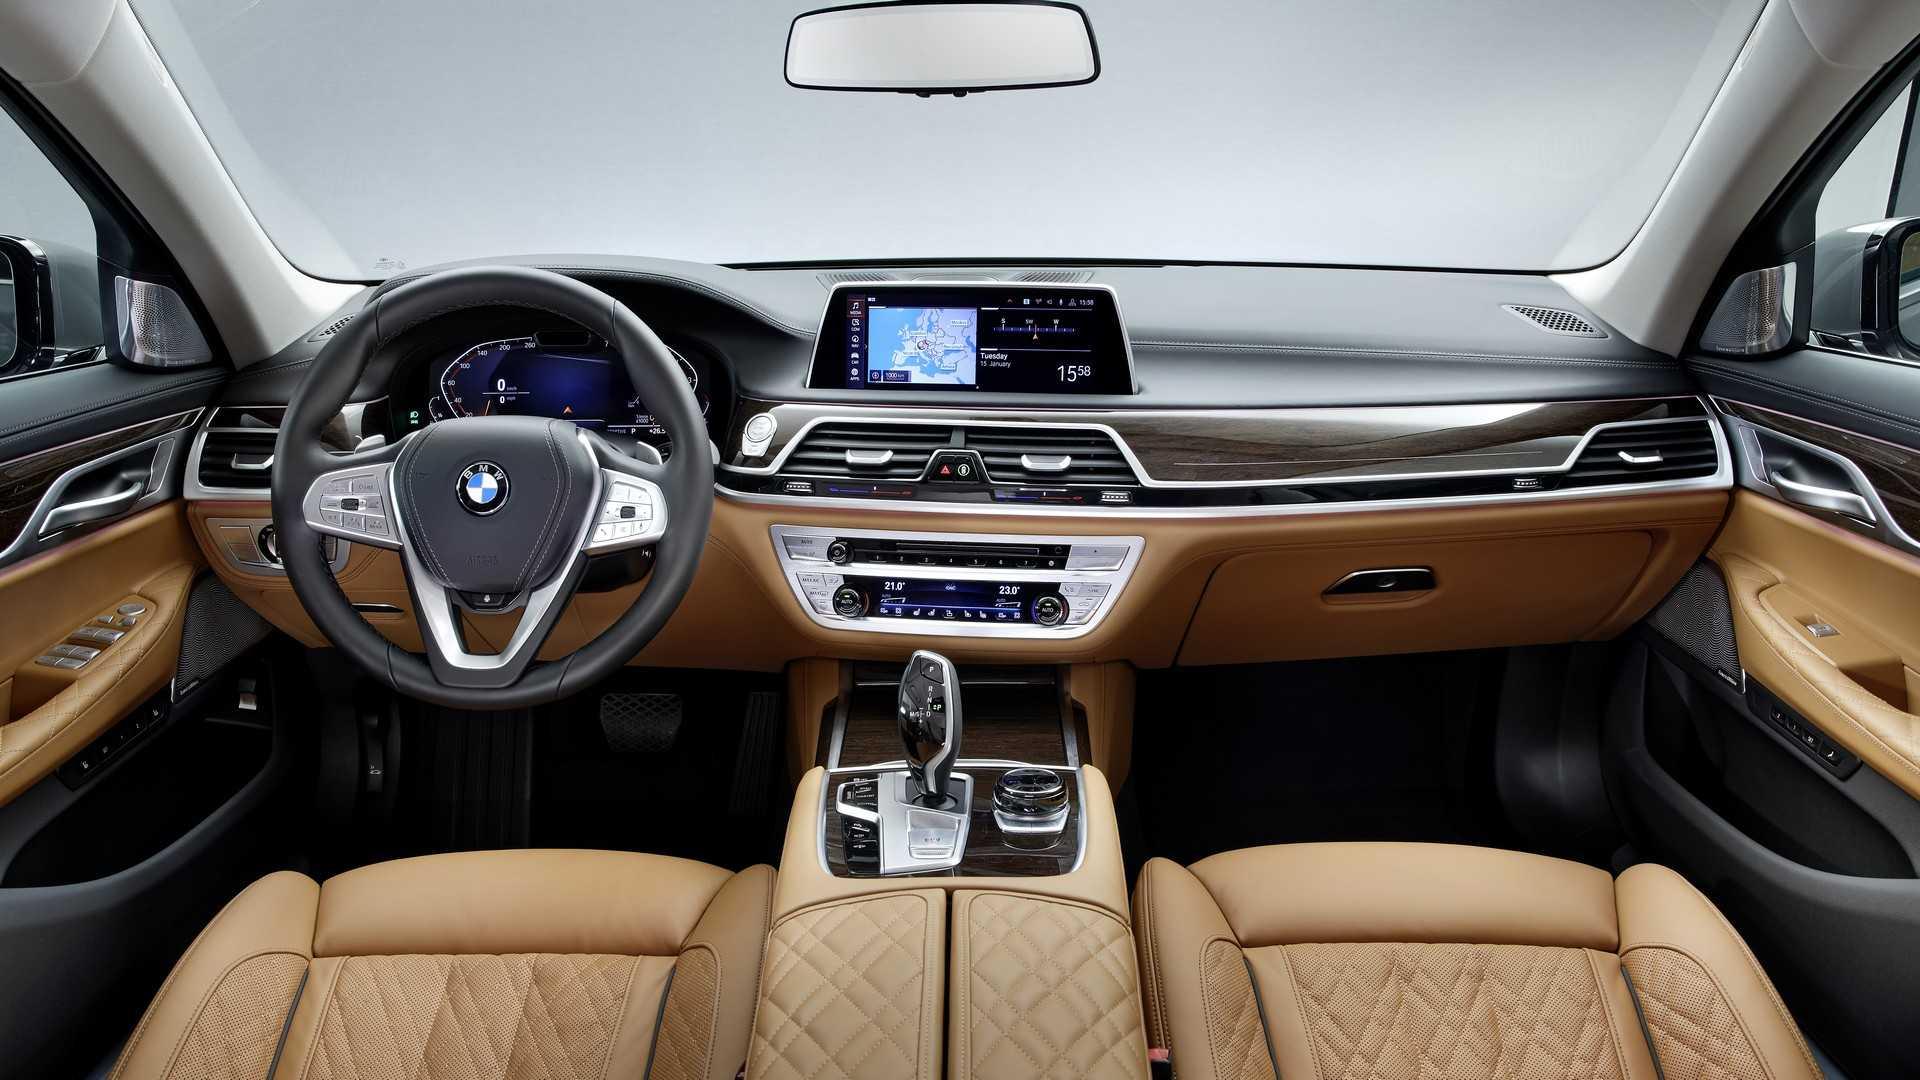 BMW 7 Series thế hệ mới sẽ có thêm bản chạy điện hoàn toàn - 25